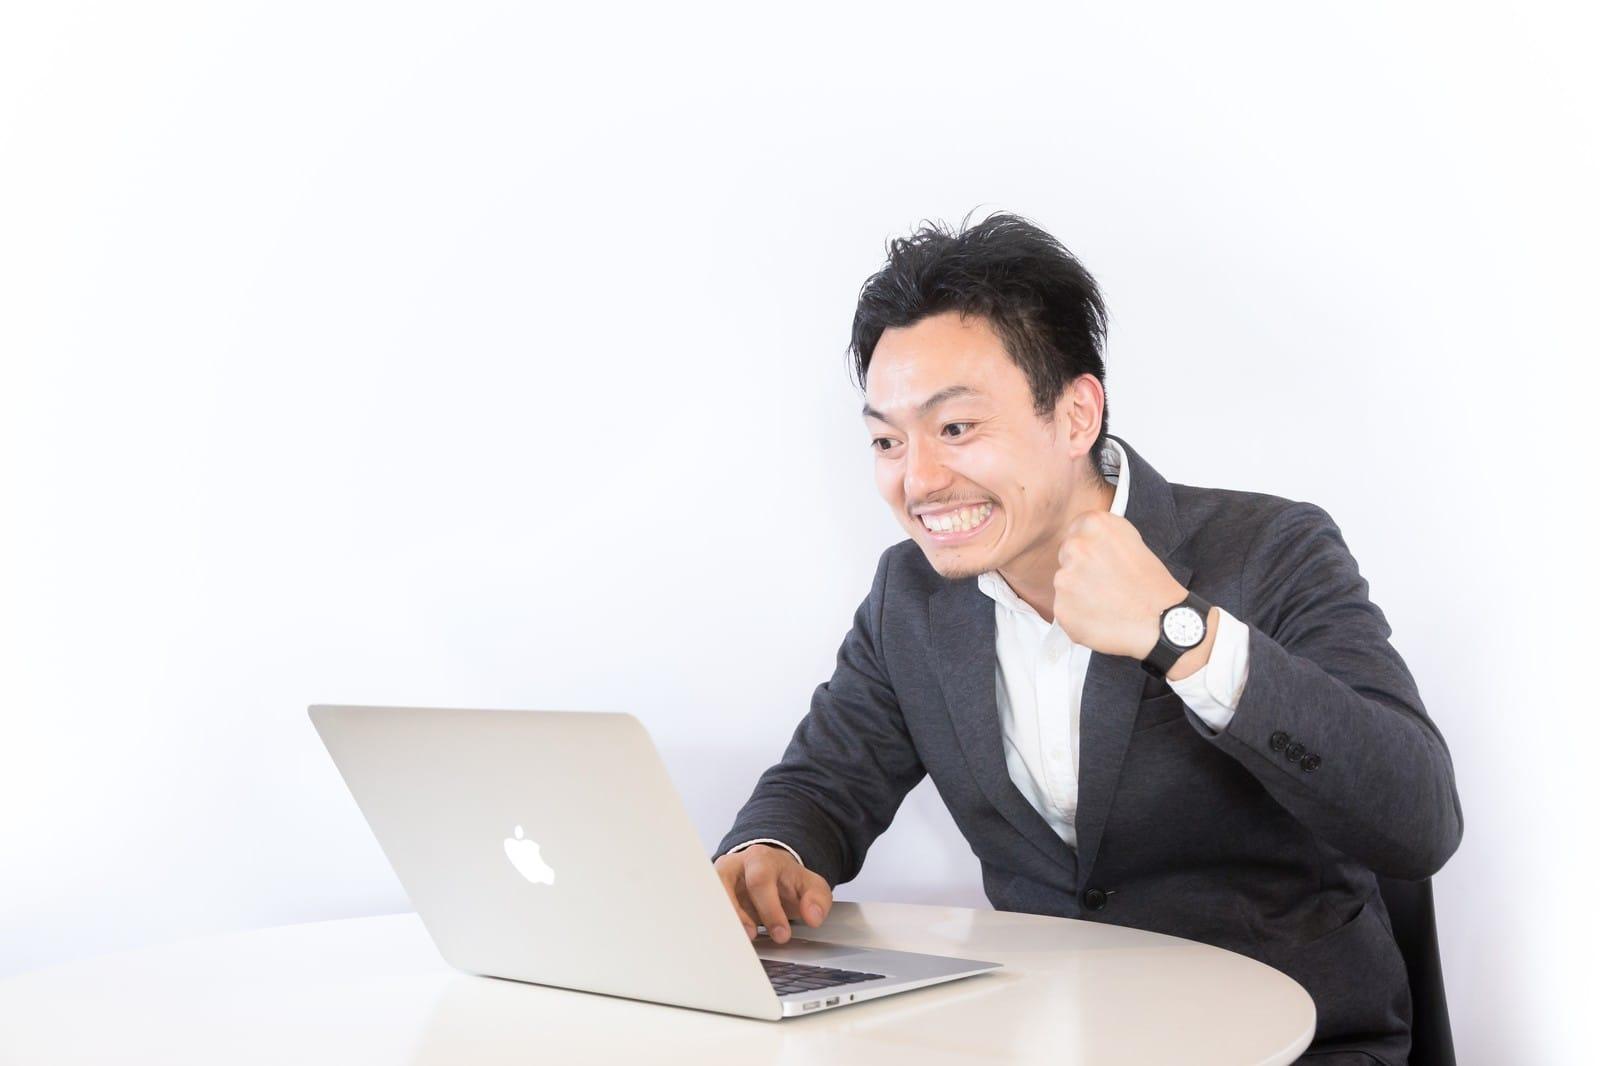 実体験!会社を辞めてからネットビジネスの転売(せどり)で、ある程度成功できました。